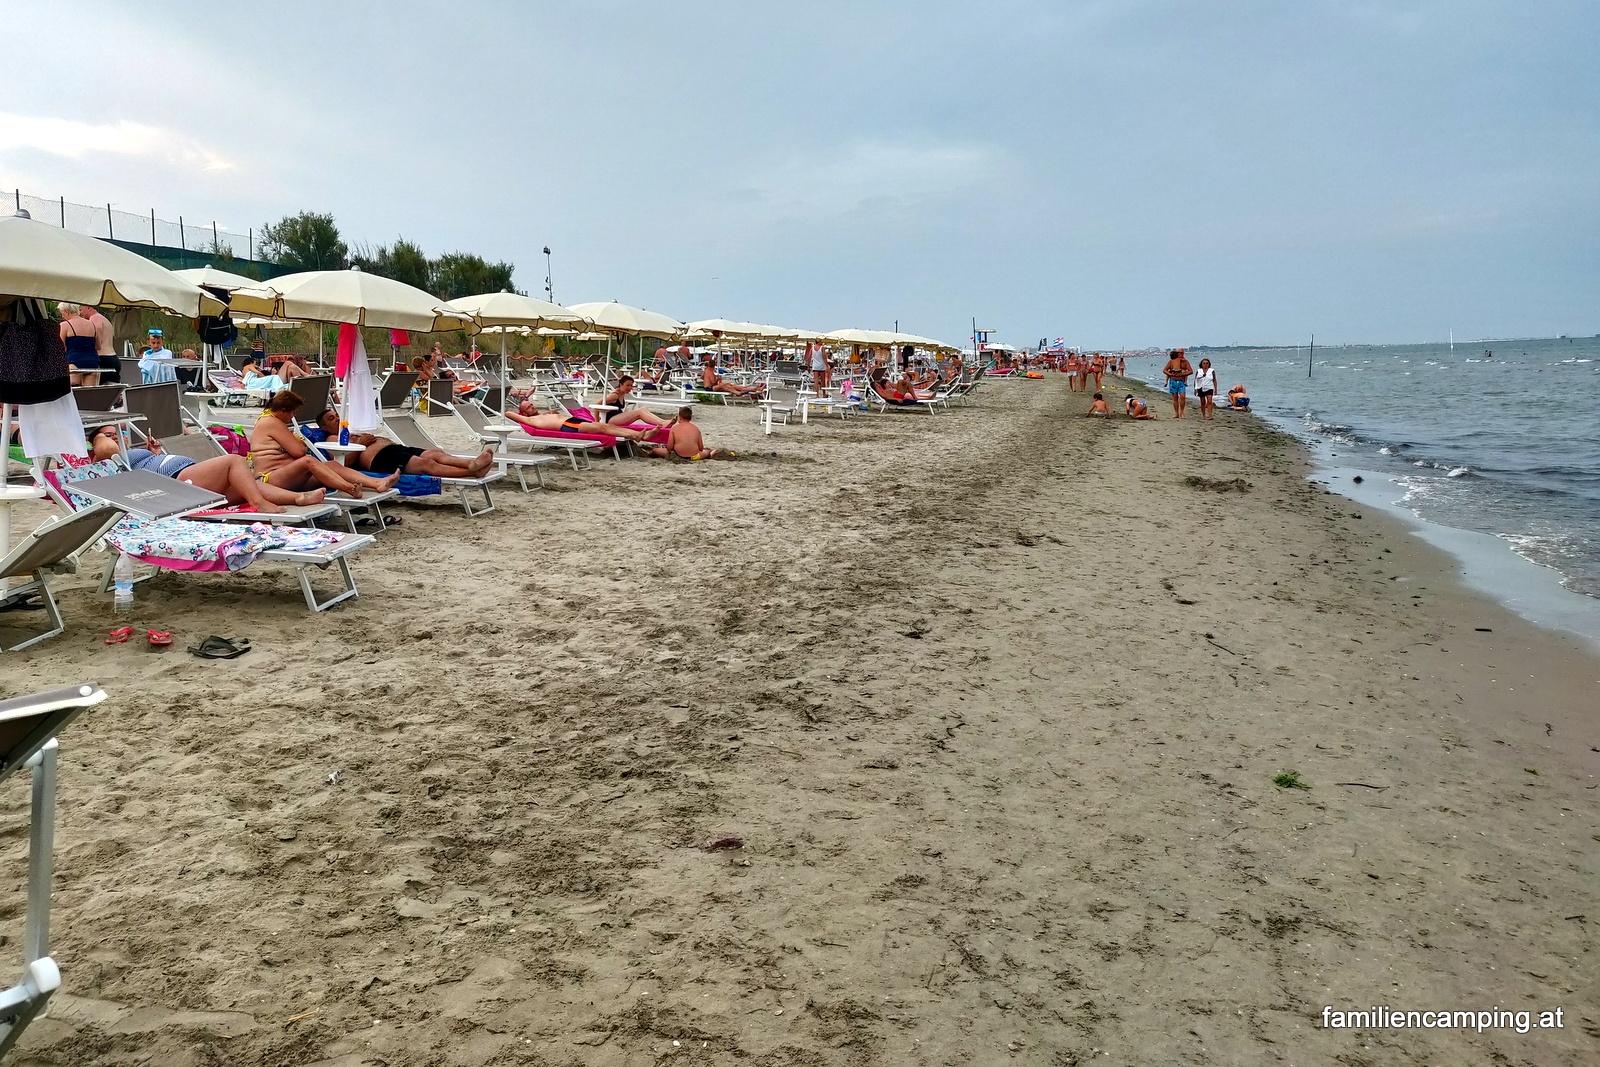 camping-miramare-sottomarina-chioggia-strand_3